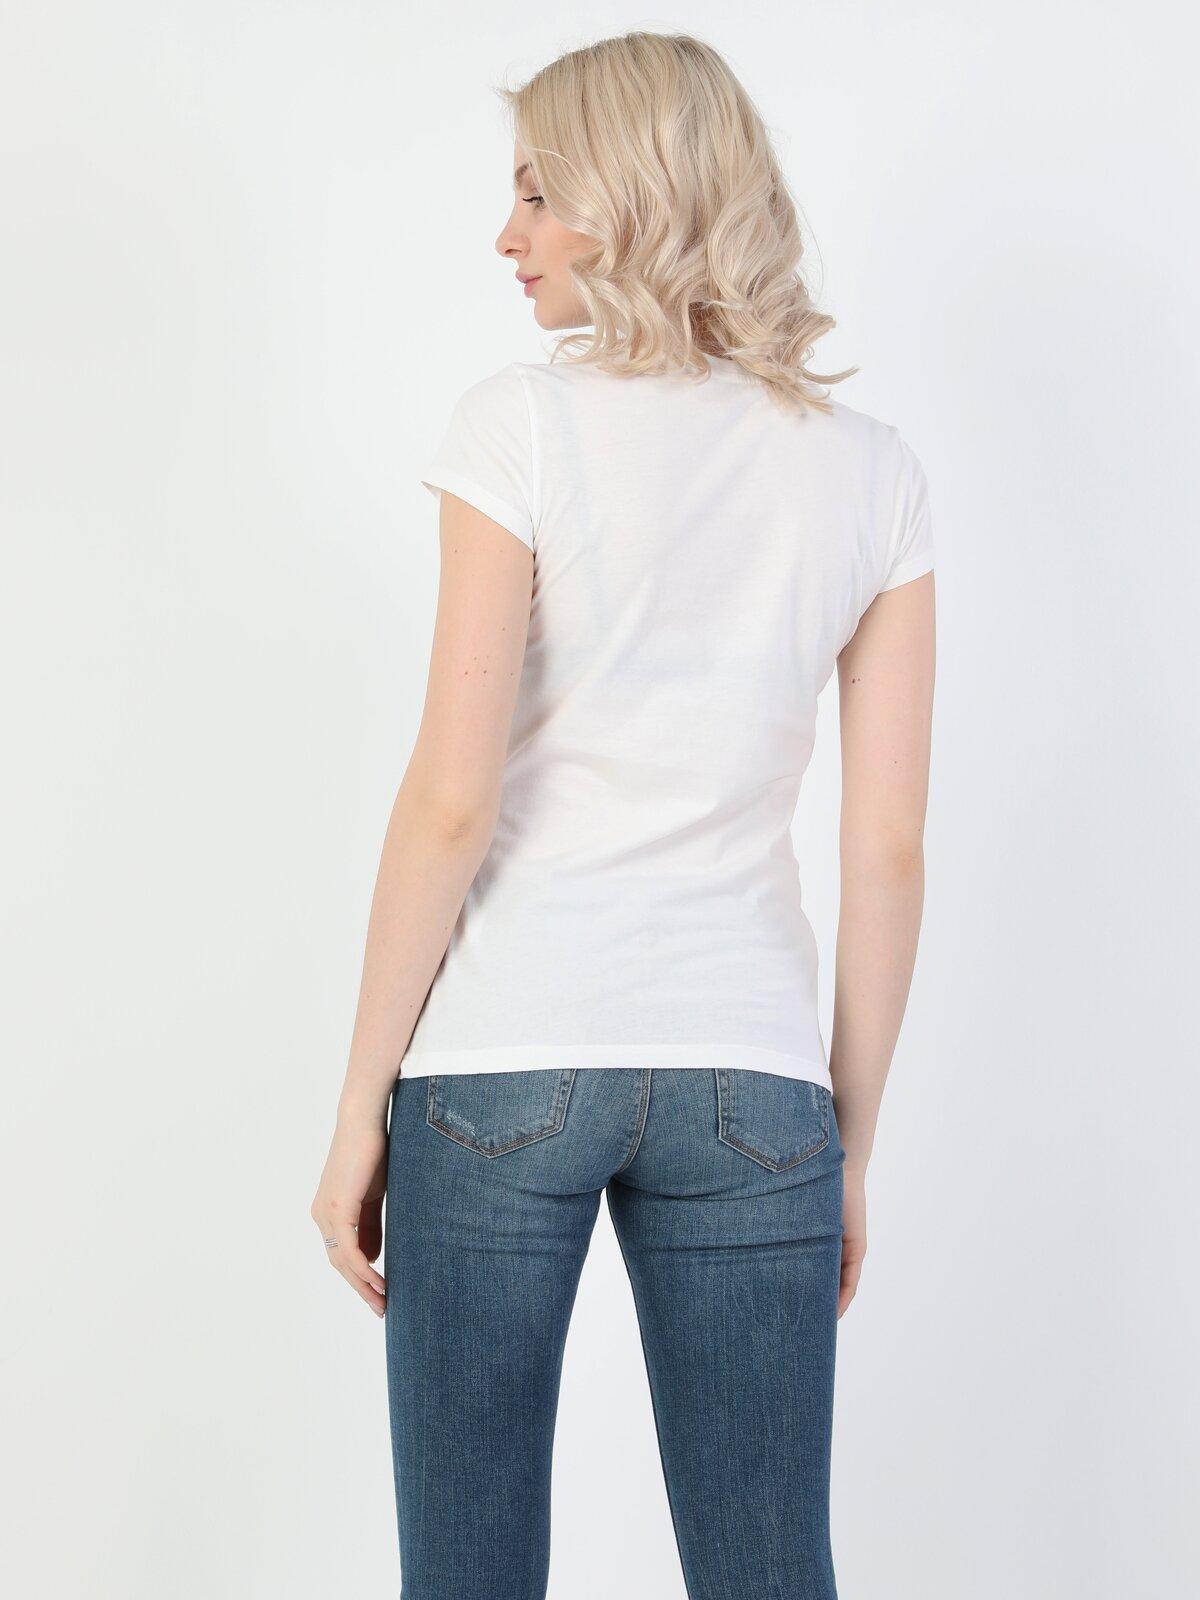 Slim Fit Standart Kol Bisiklet Yaka Beyaz Kadın Kısa Kol Tişört